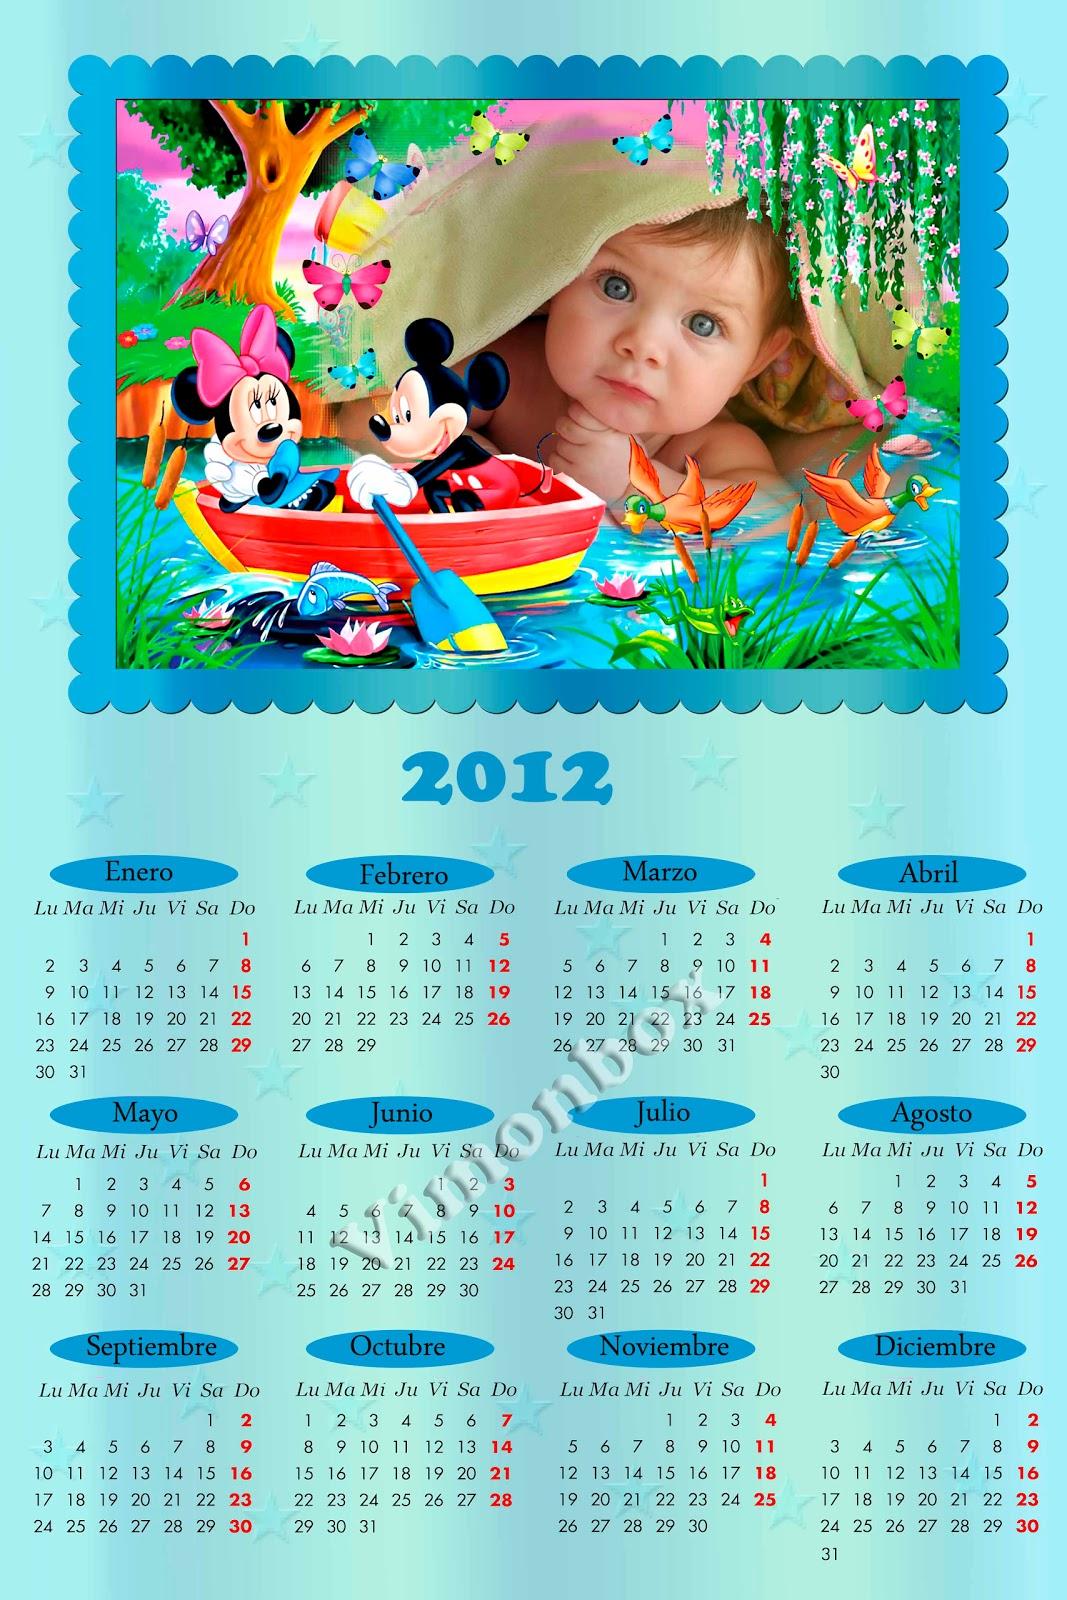 ... 2012 de Minnie, Mickey y Winnie the Pooh en formato psd y png